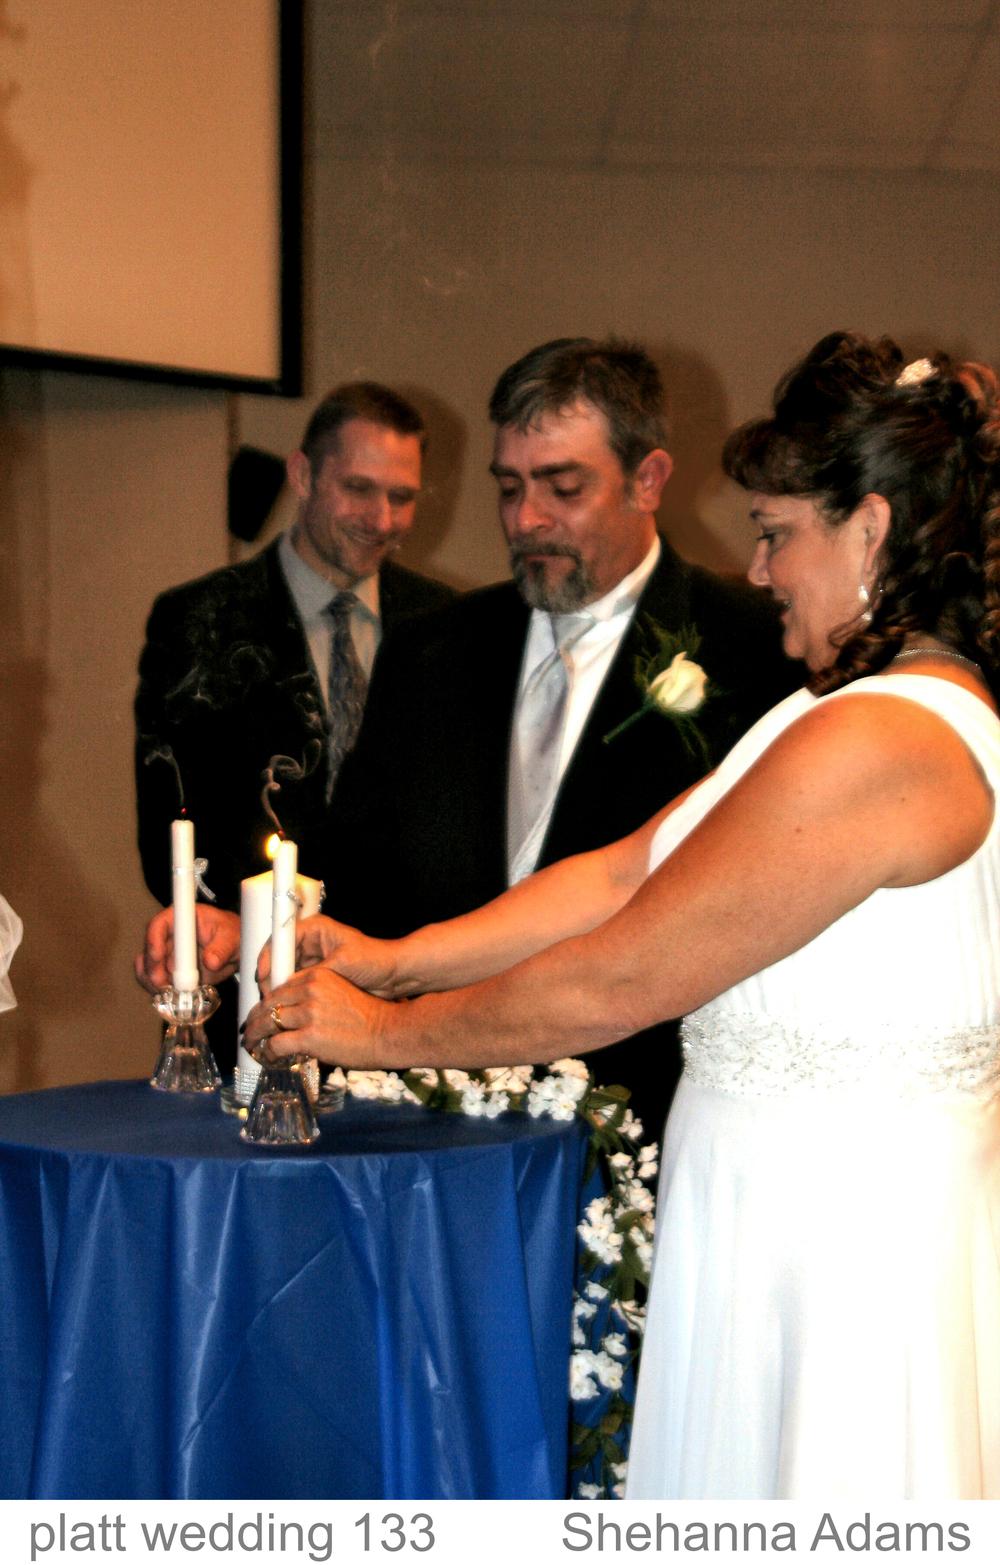 platt wedding 133.jpg